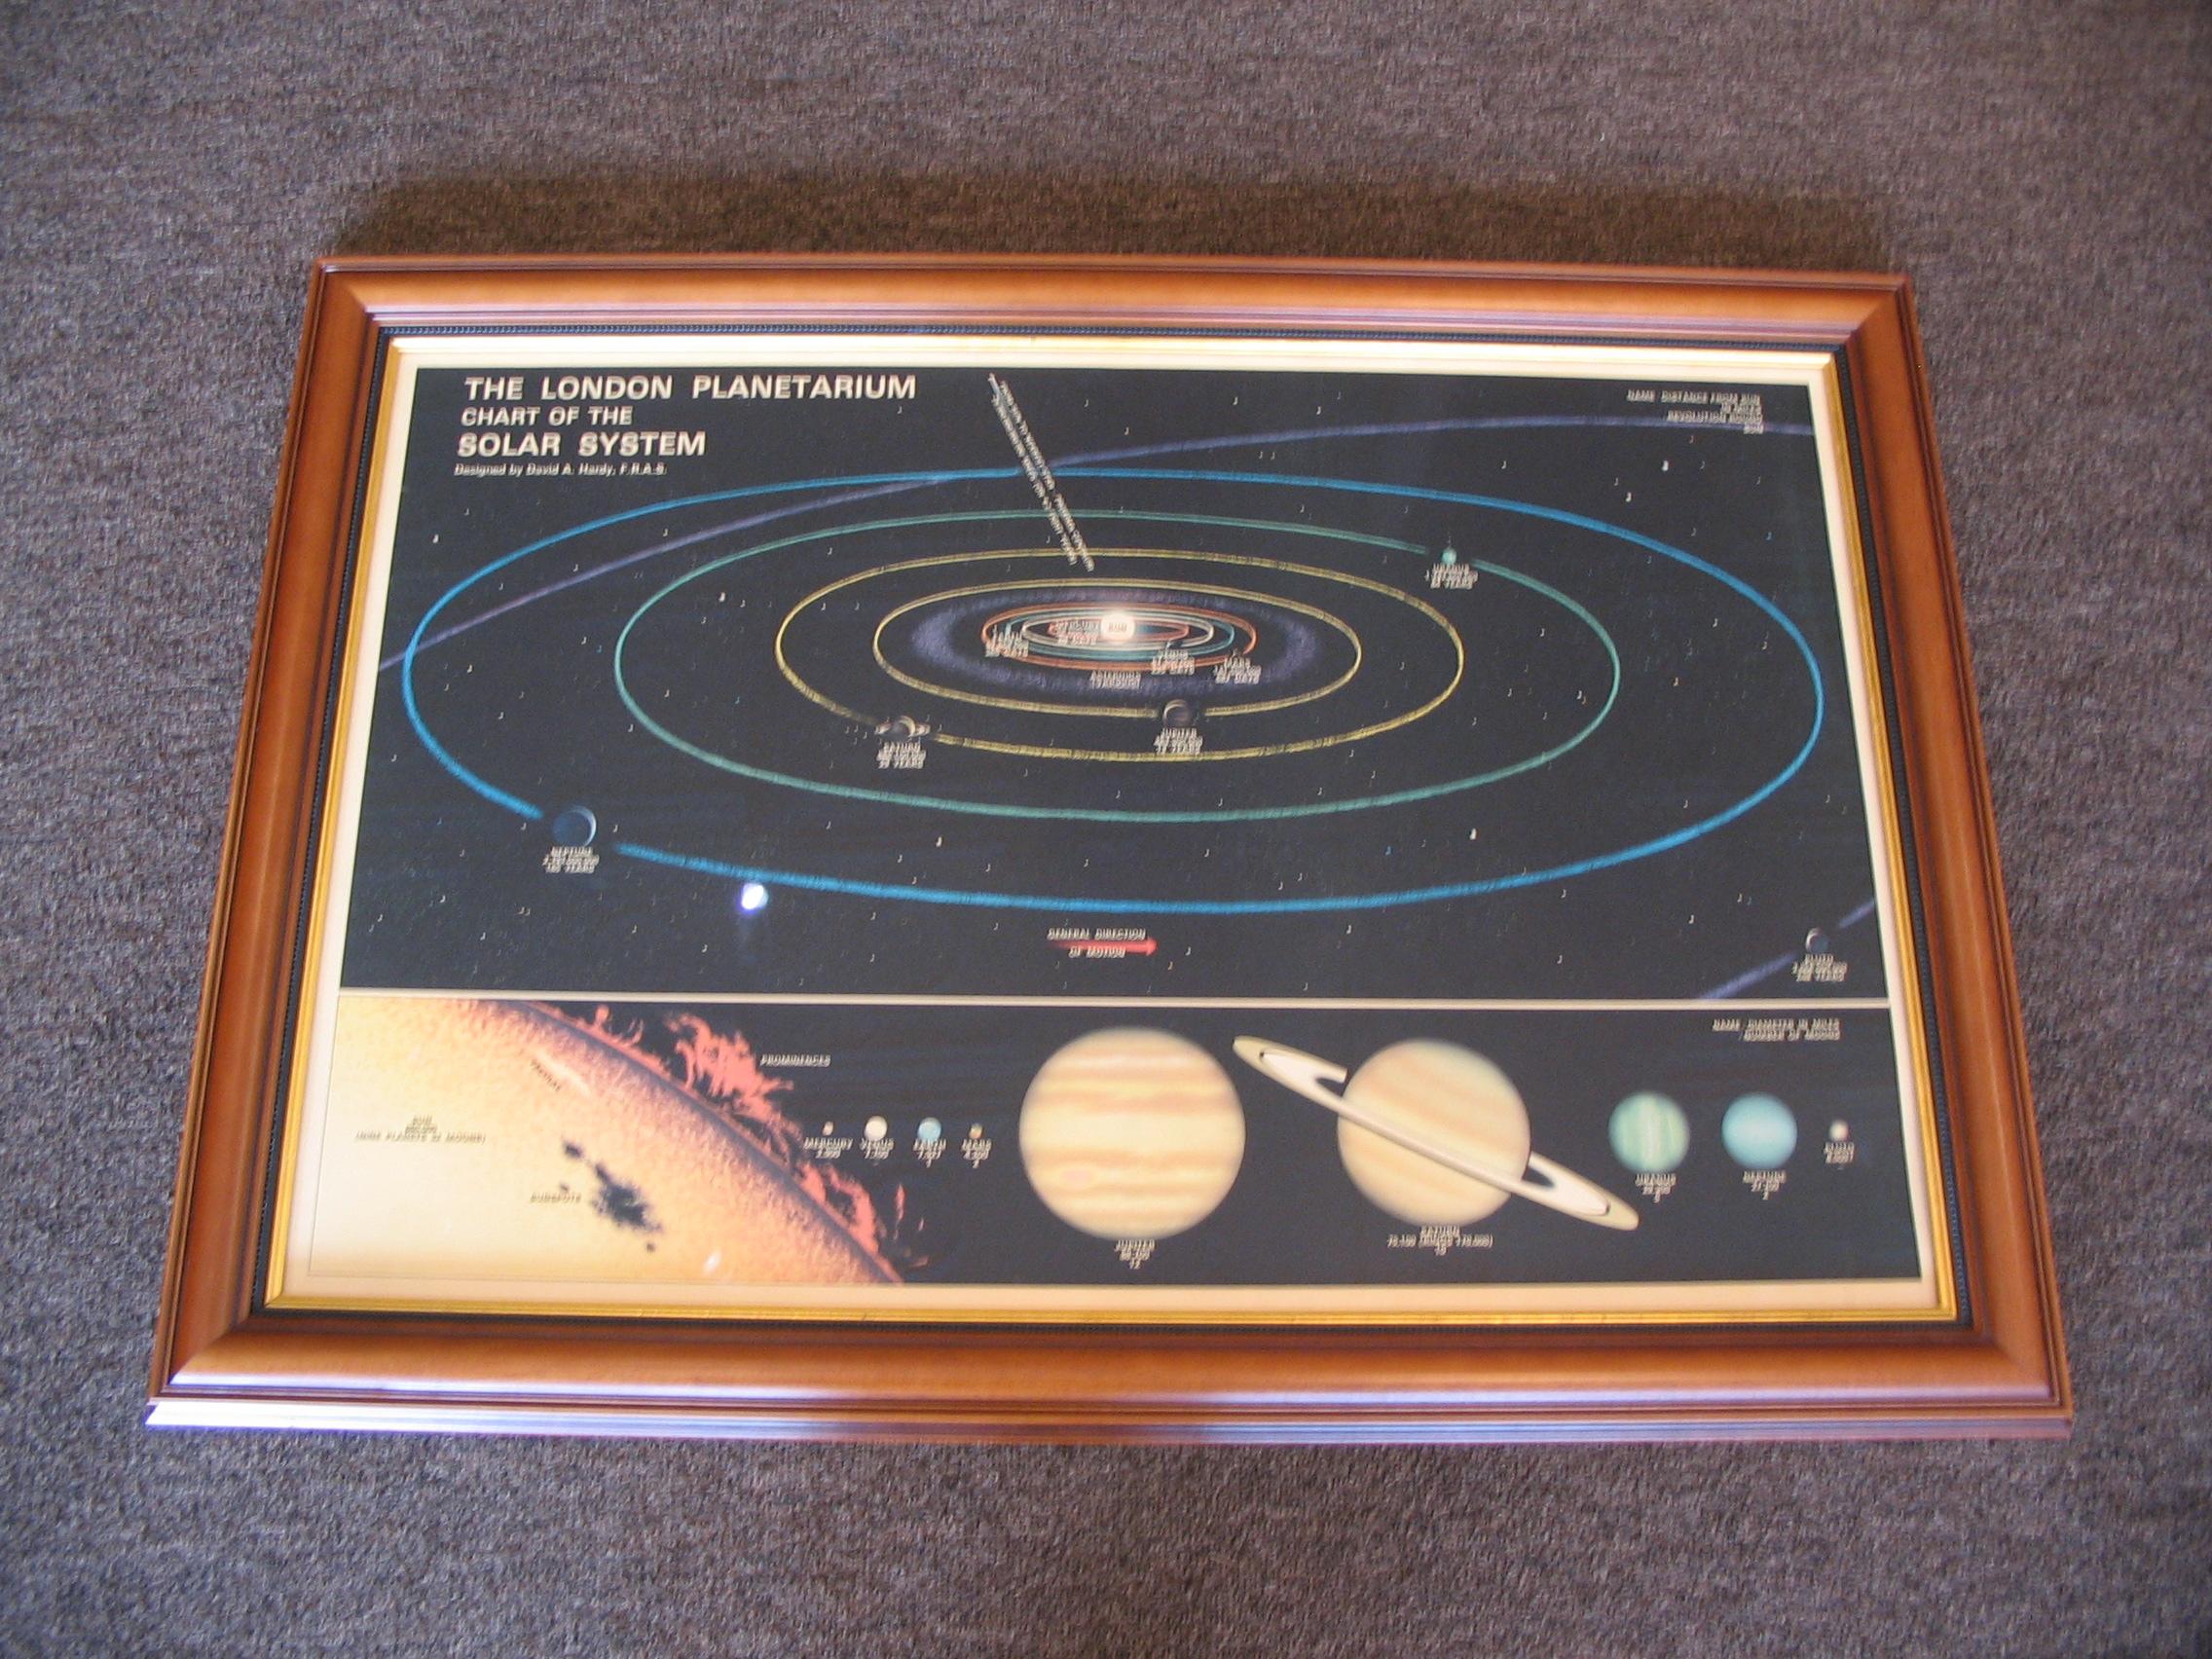 Solar System framed by The Framemakers